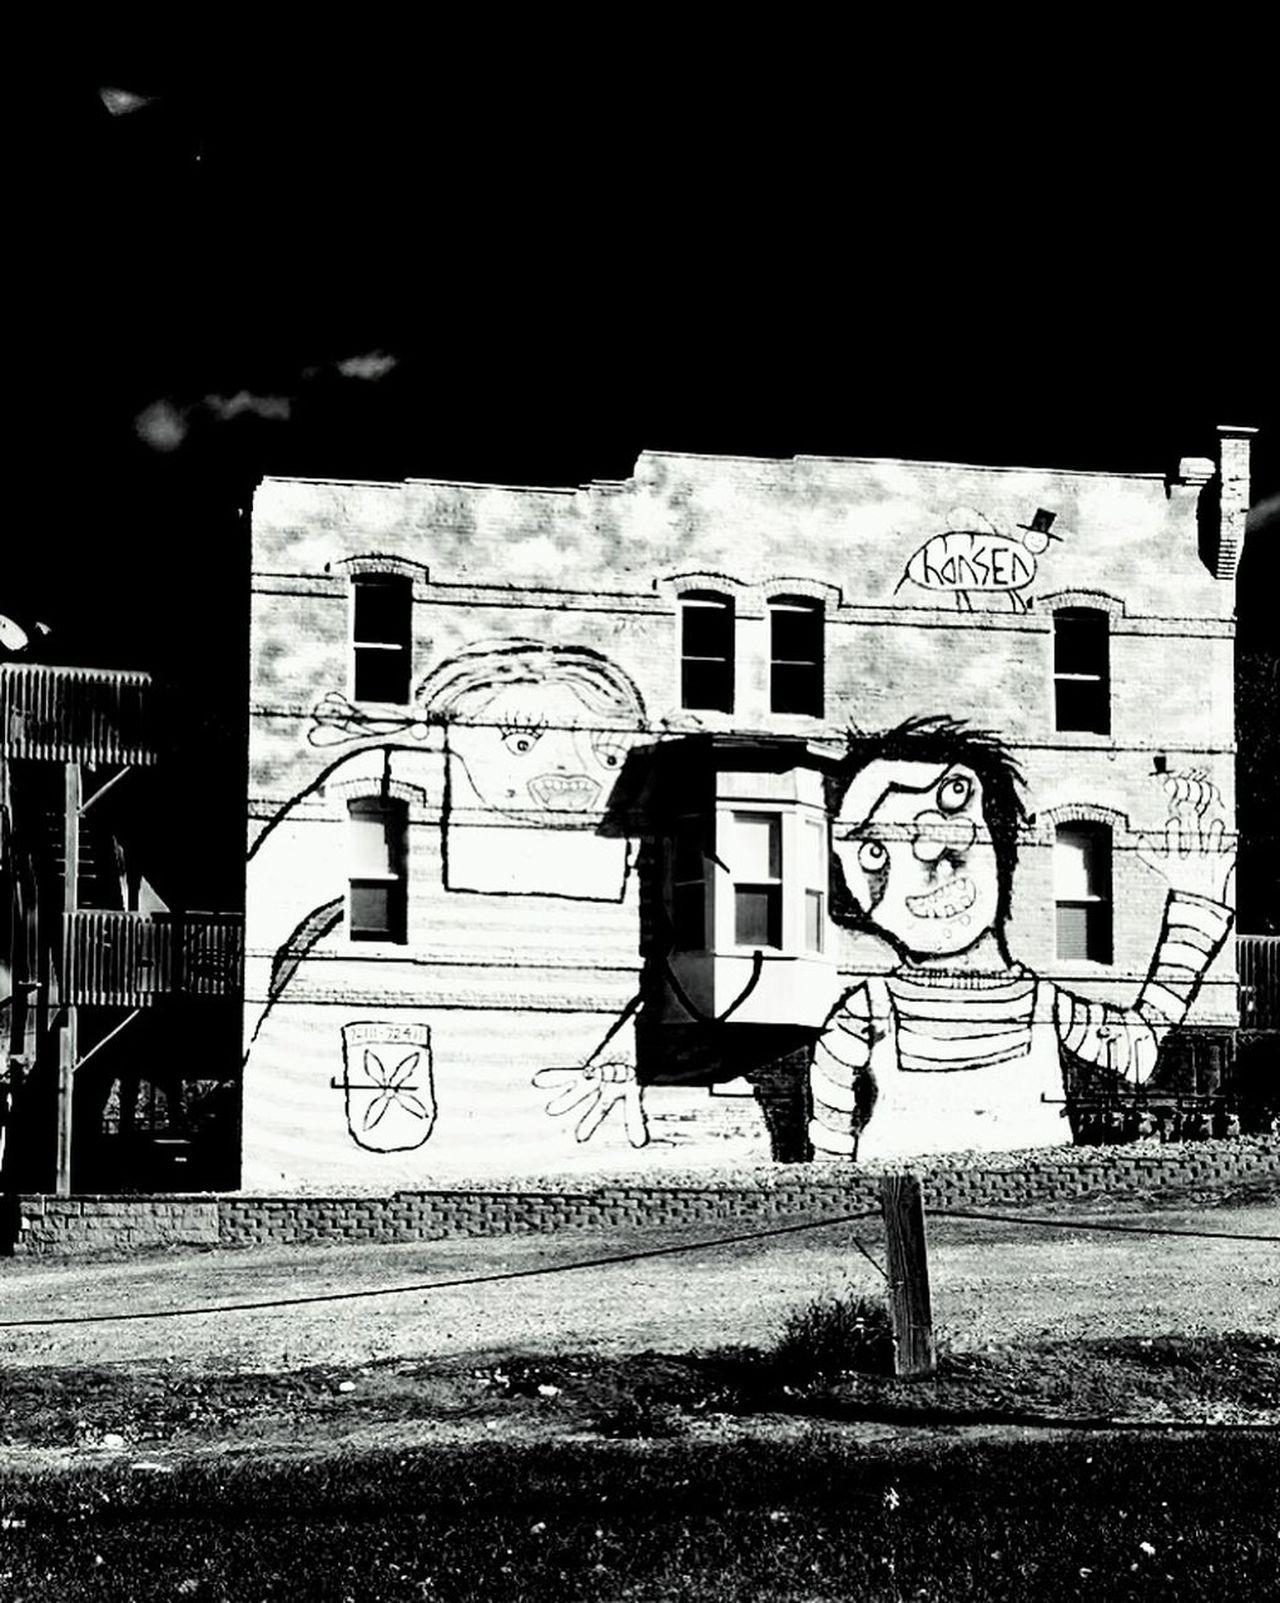 The Changing City Wallart Grafetti Art